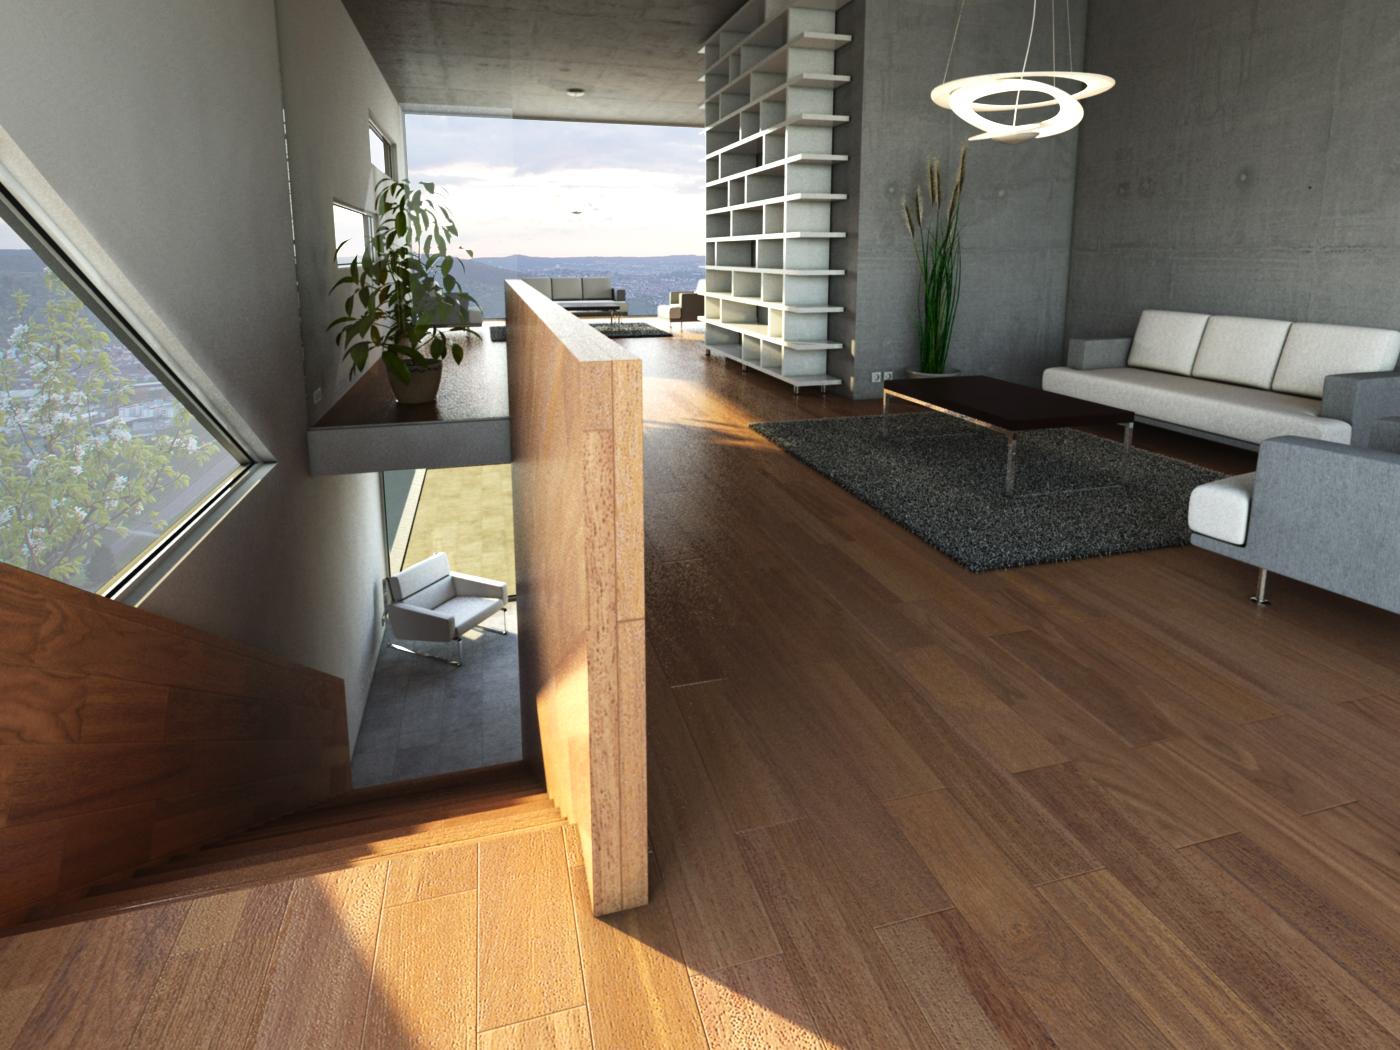 Visualisierung Innenraum FX Design